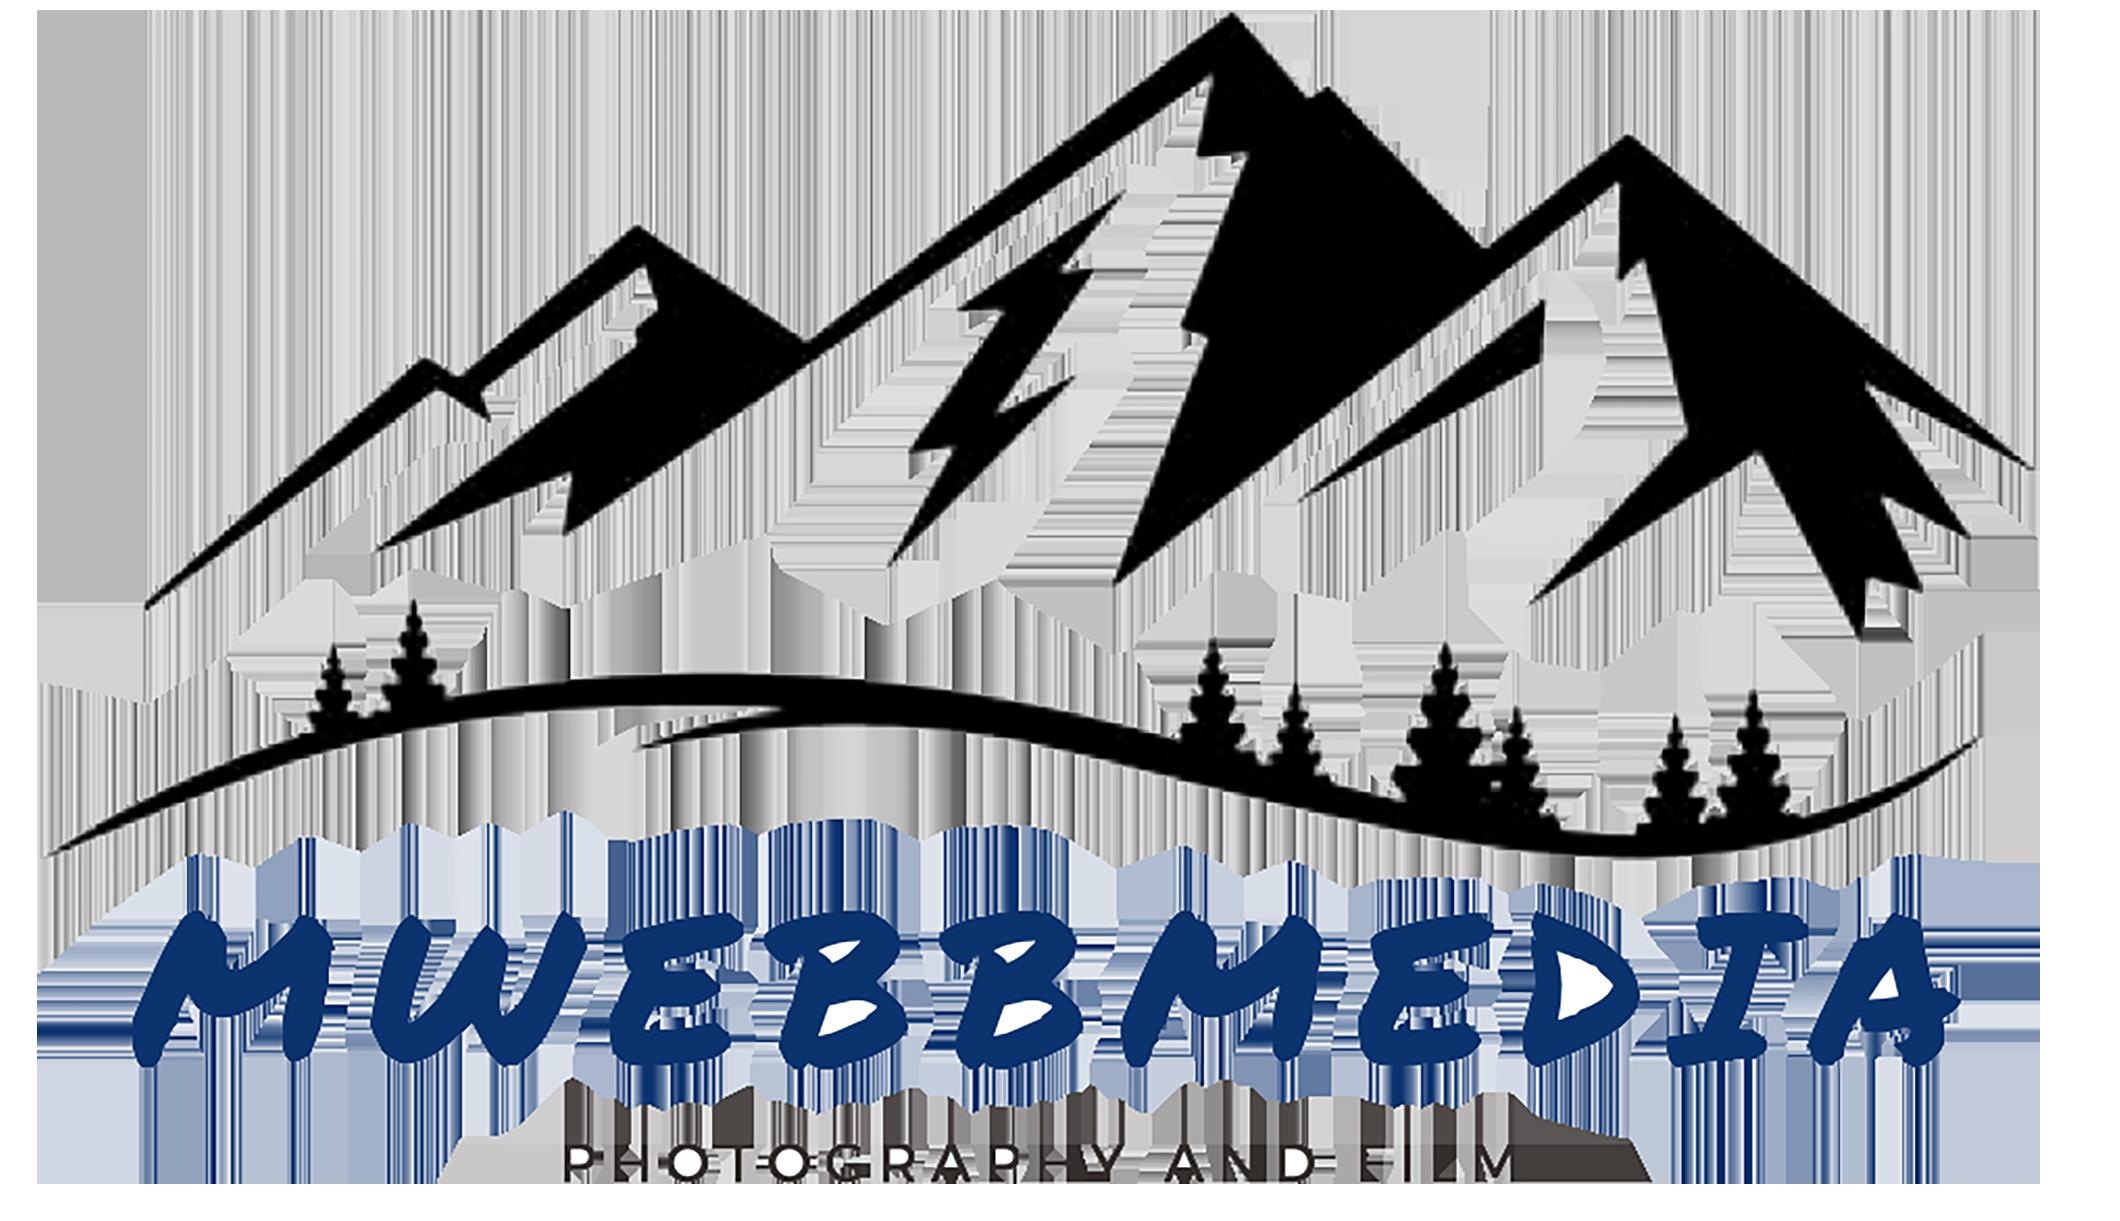 MWebbMedia